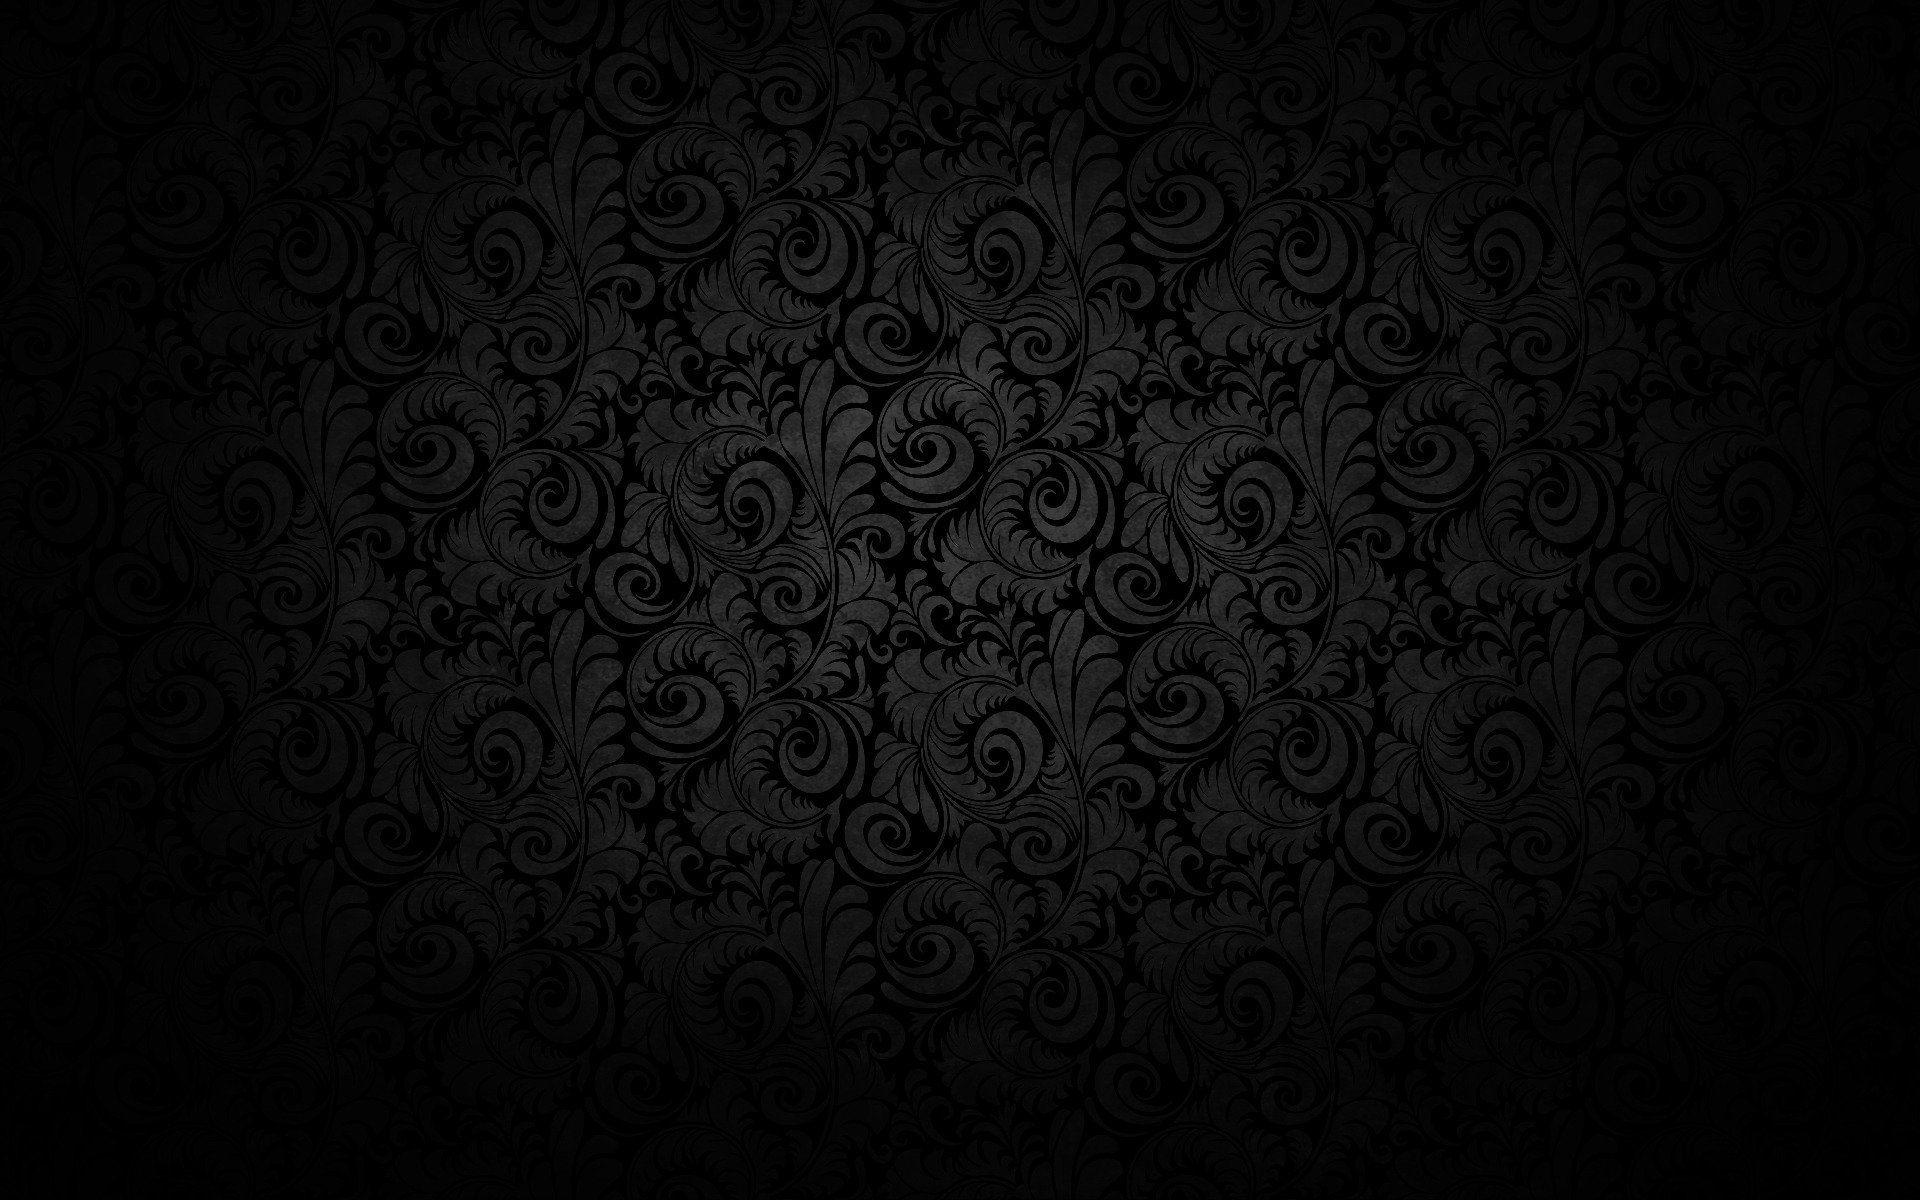 Hd Desktop Background Dark  Black Background Wallpaper For Desktop